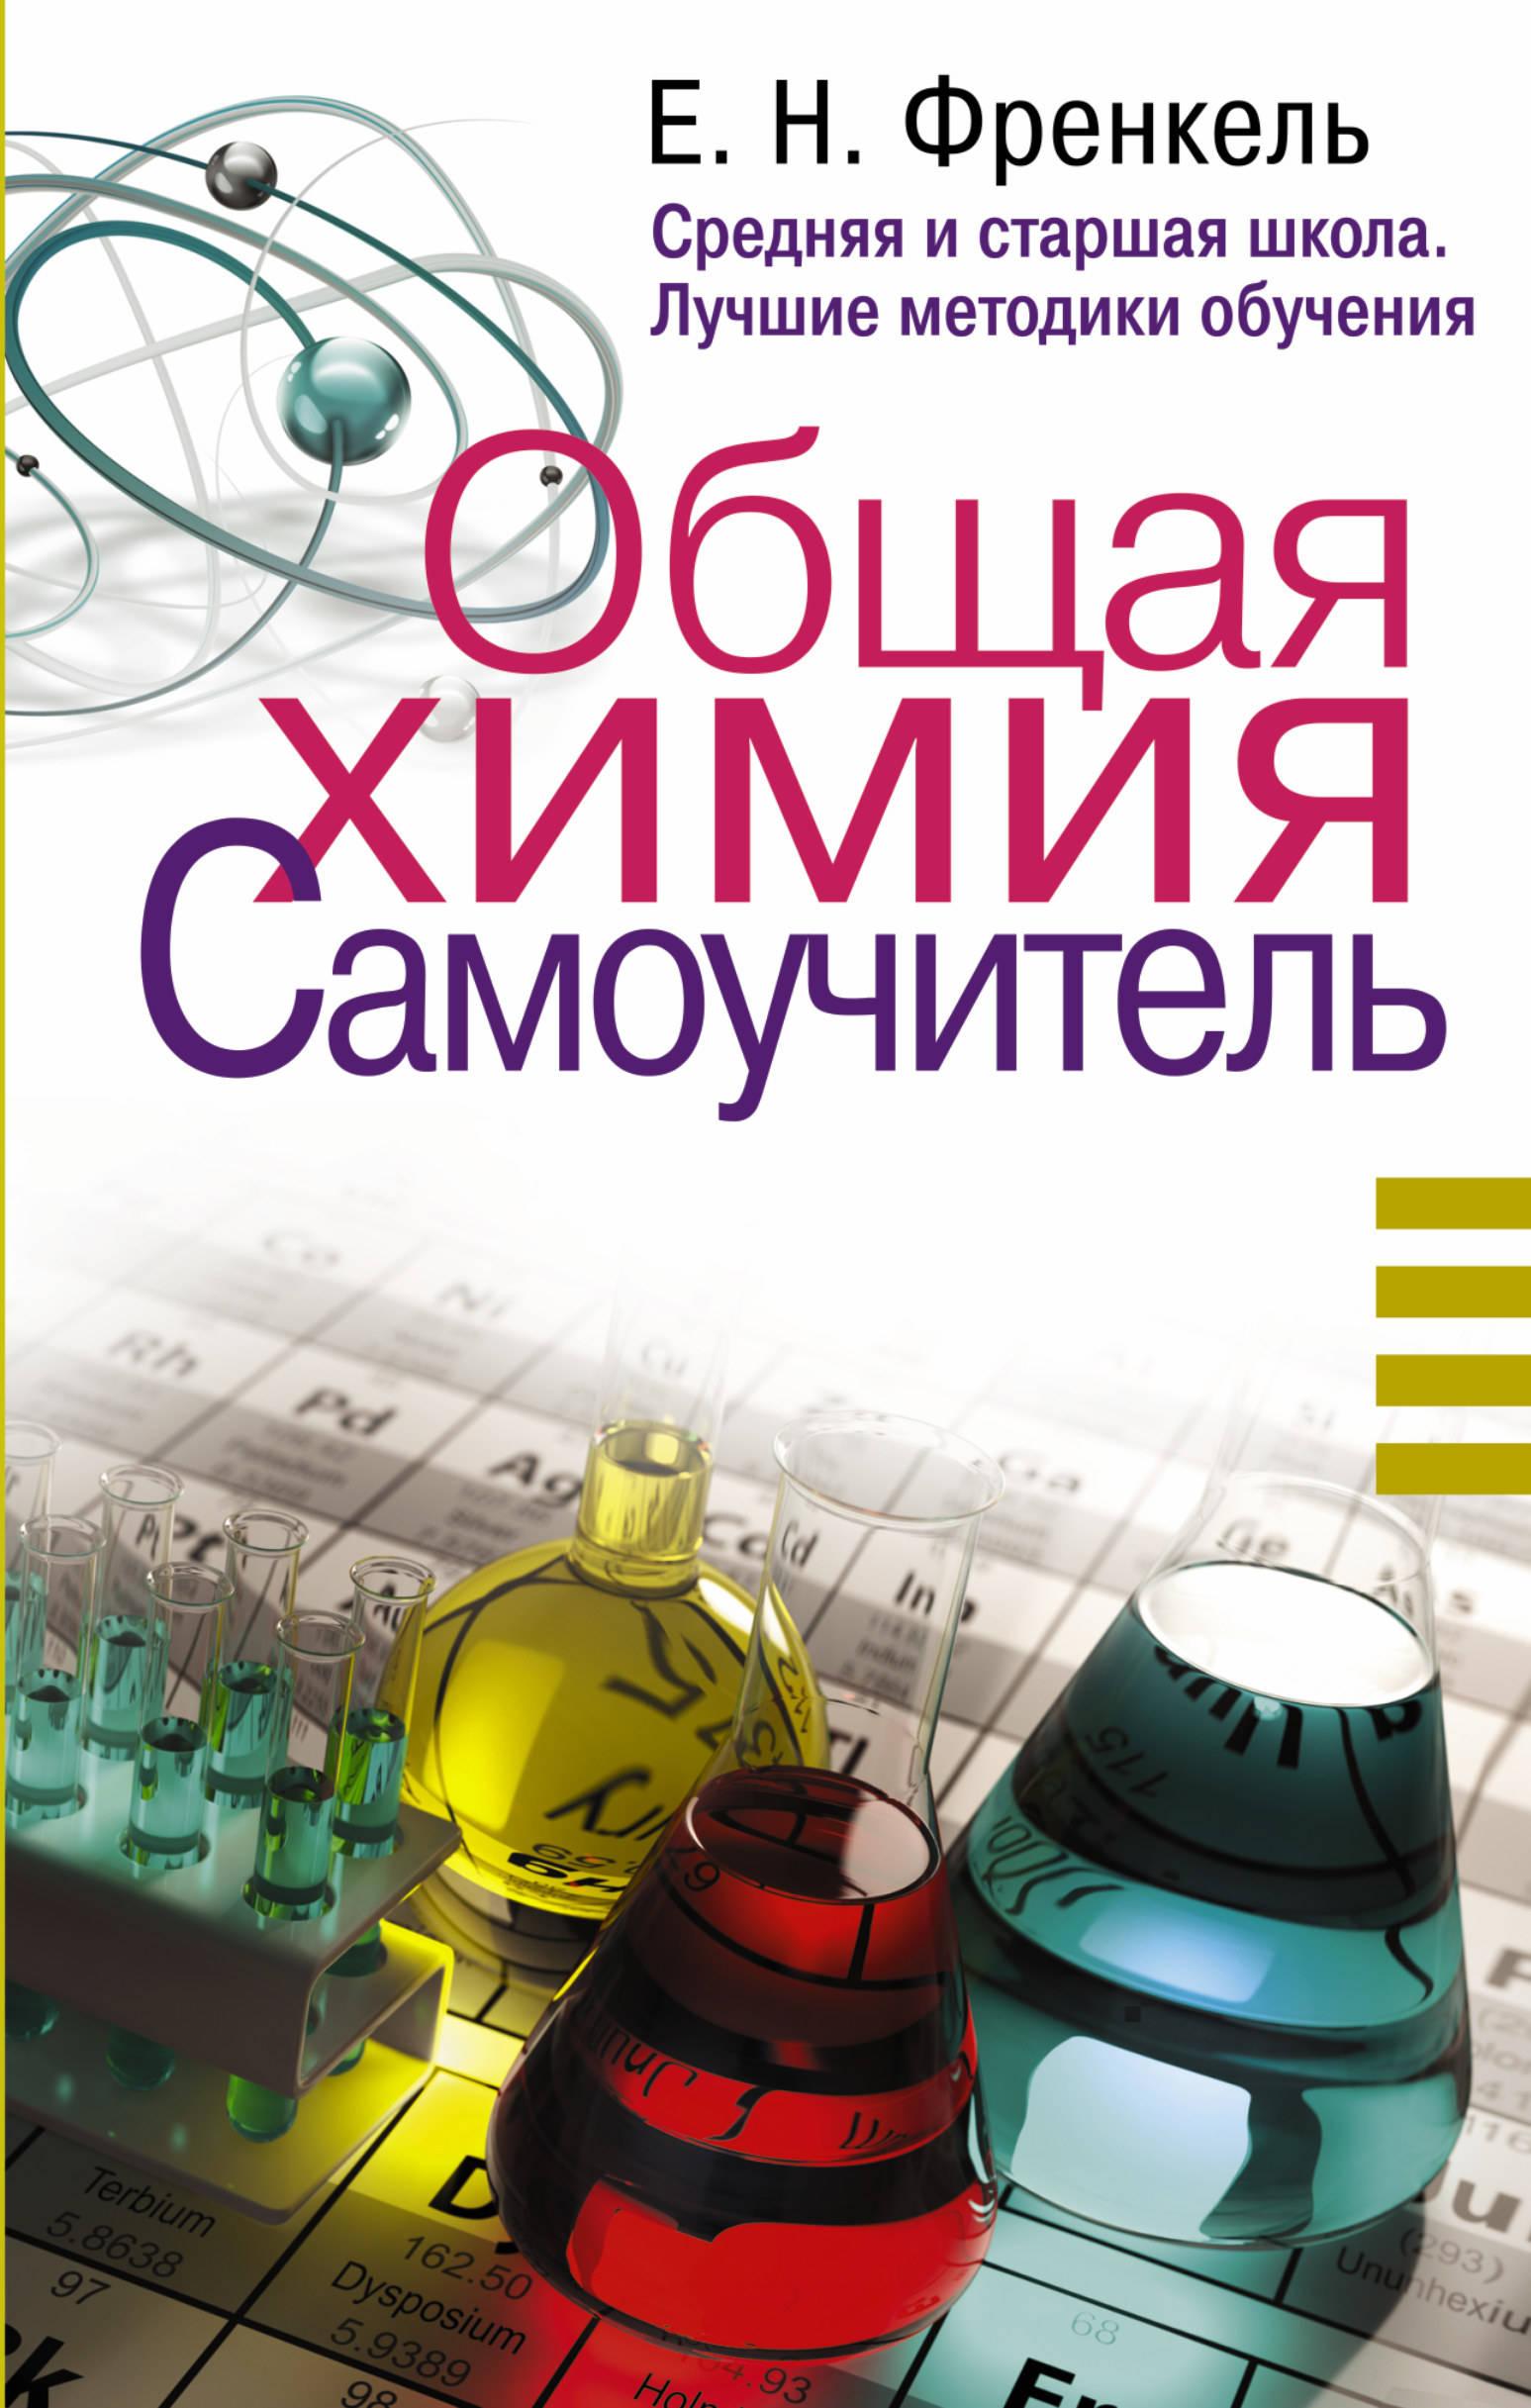 Общая химия. Самоучитель. Эффективная методика, которая поможет сдать экзамены и понять химию ( Френкель Е.Н.  )